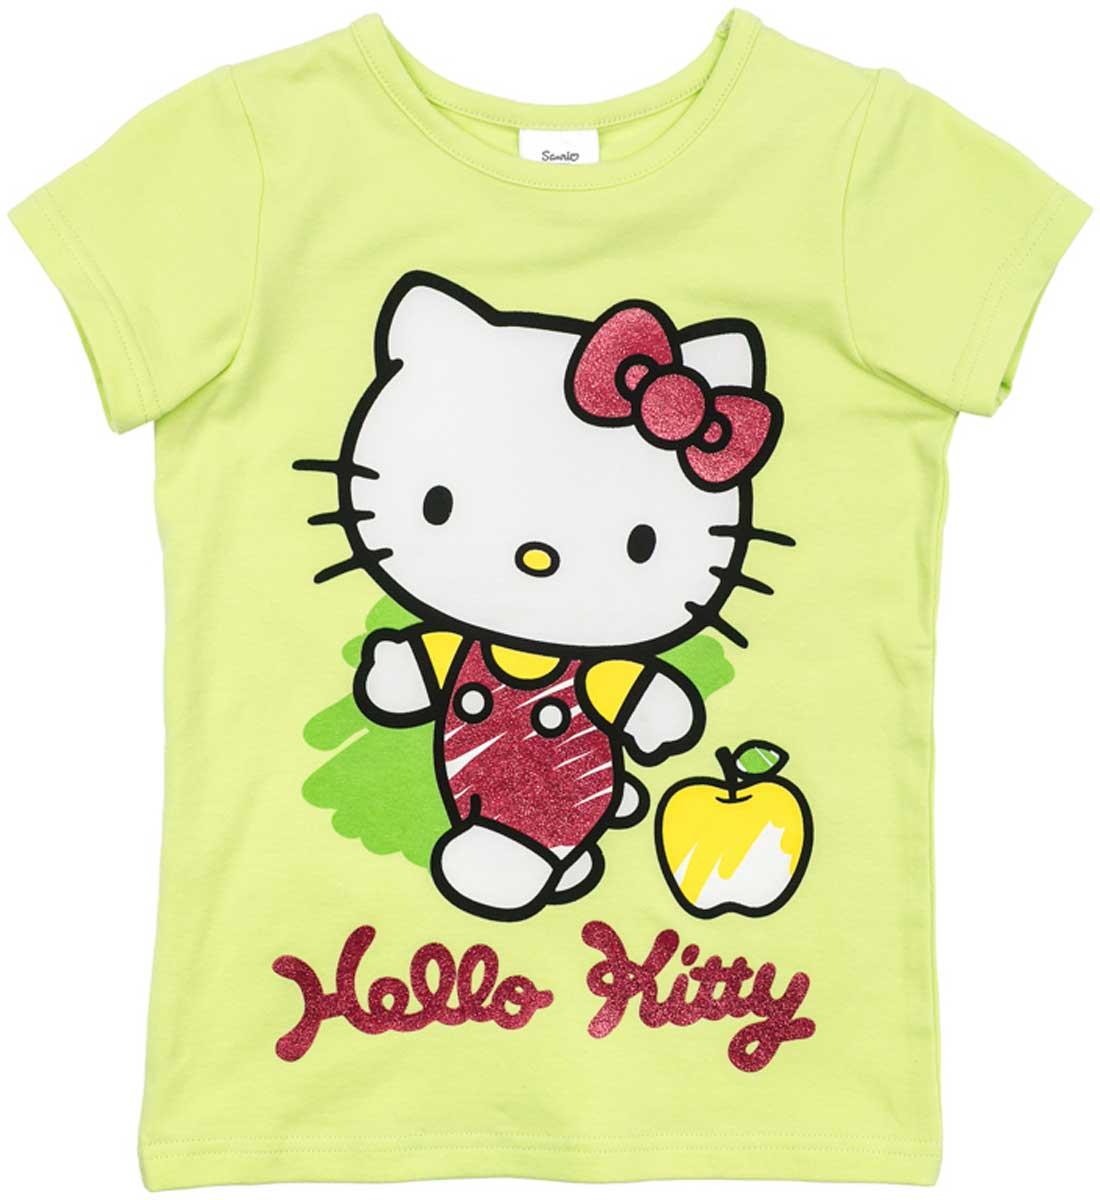 Футболка для девочки PlayToday, цвет: светло-зеленый, розовый. 672152. Размер 110672152Футболка для девочки PlayToday выполнена из хлопка и эластана. Модель с круглым вырезом горловины и короткими рукавами оформлена оригинальным принтом.